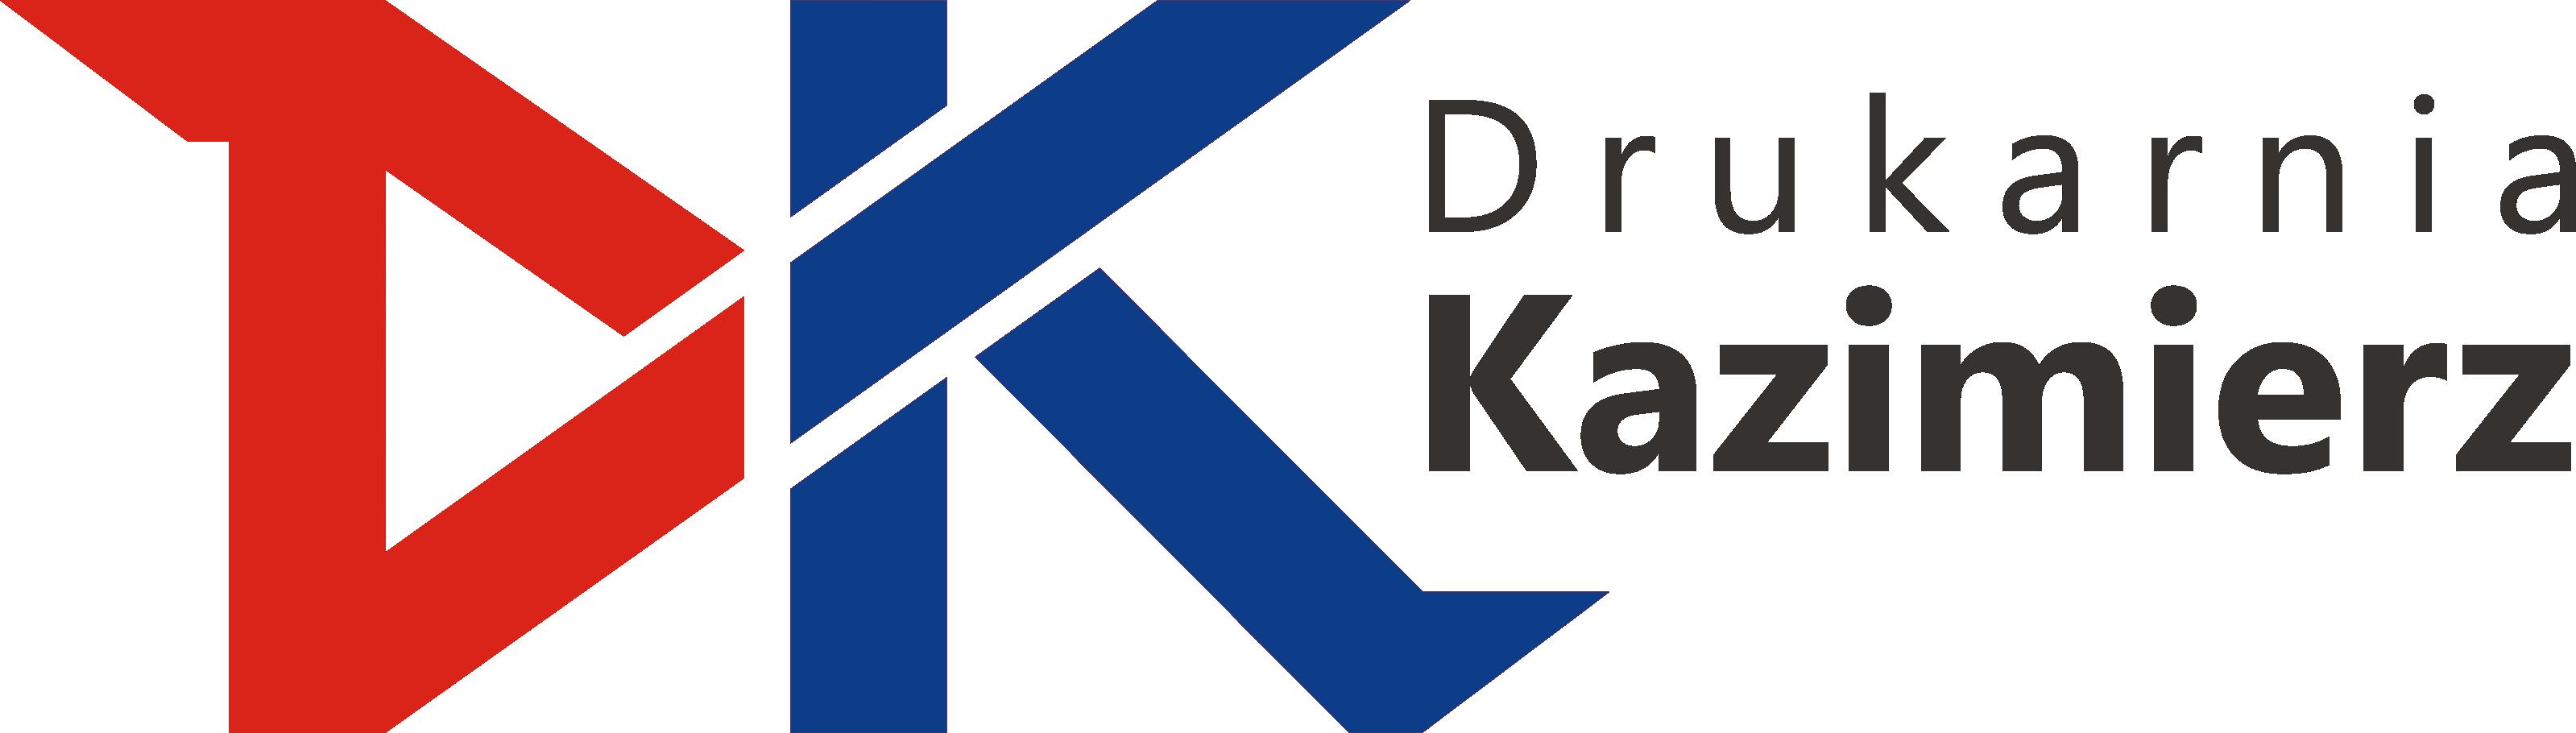 Drukarnia Kazimierz